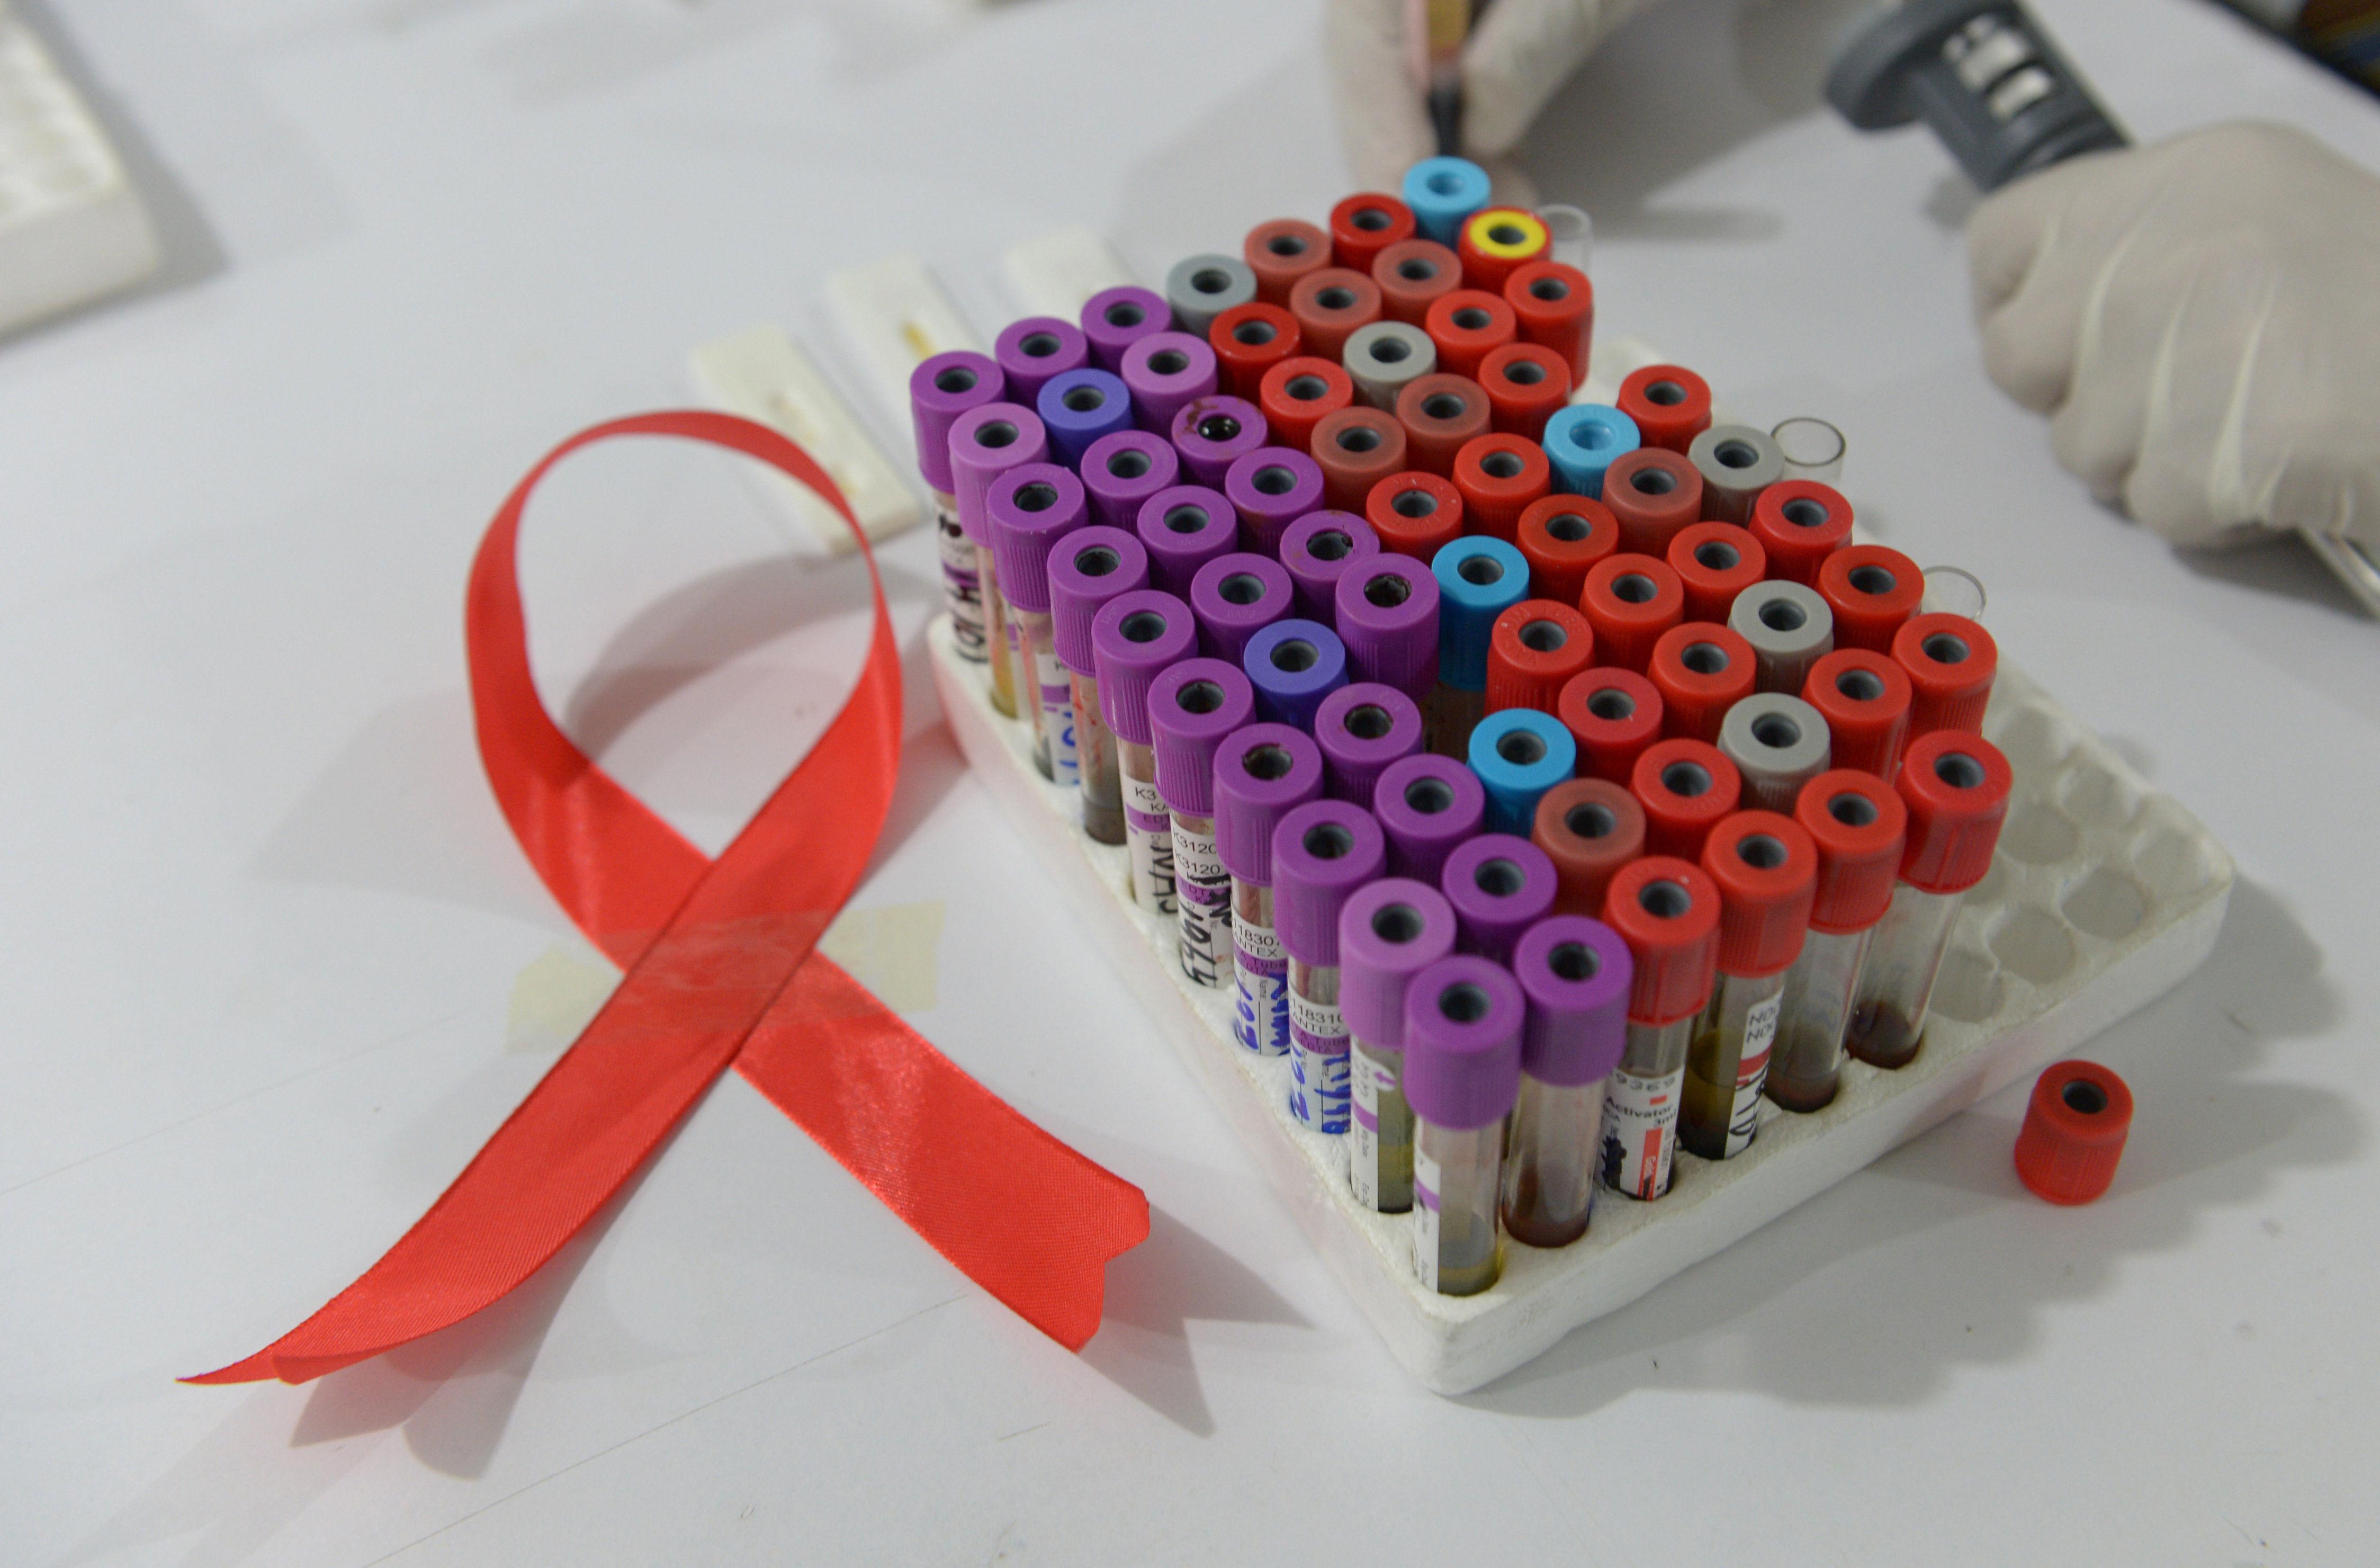 Сотрудник лаборатории берет анализы на ВИЧ в больнице Исламабада. 30 ноября 2013 год